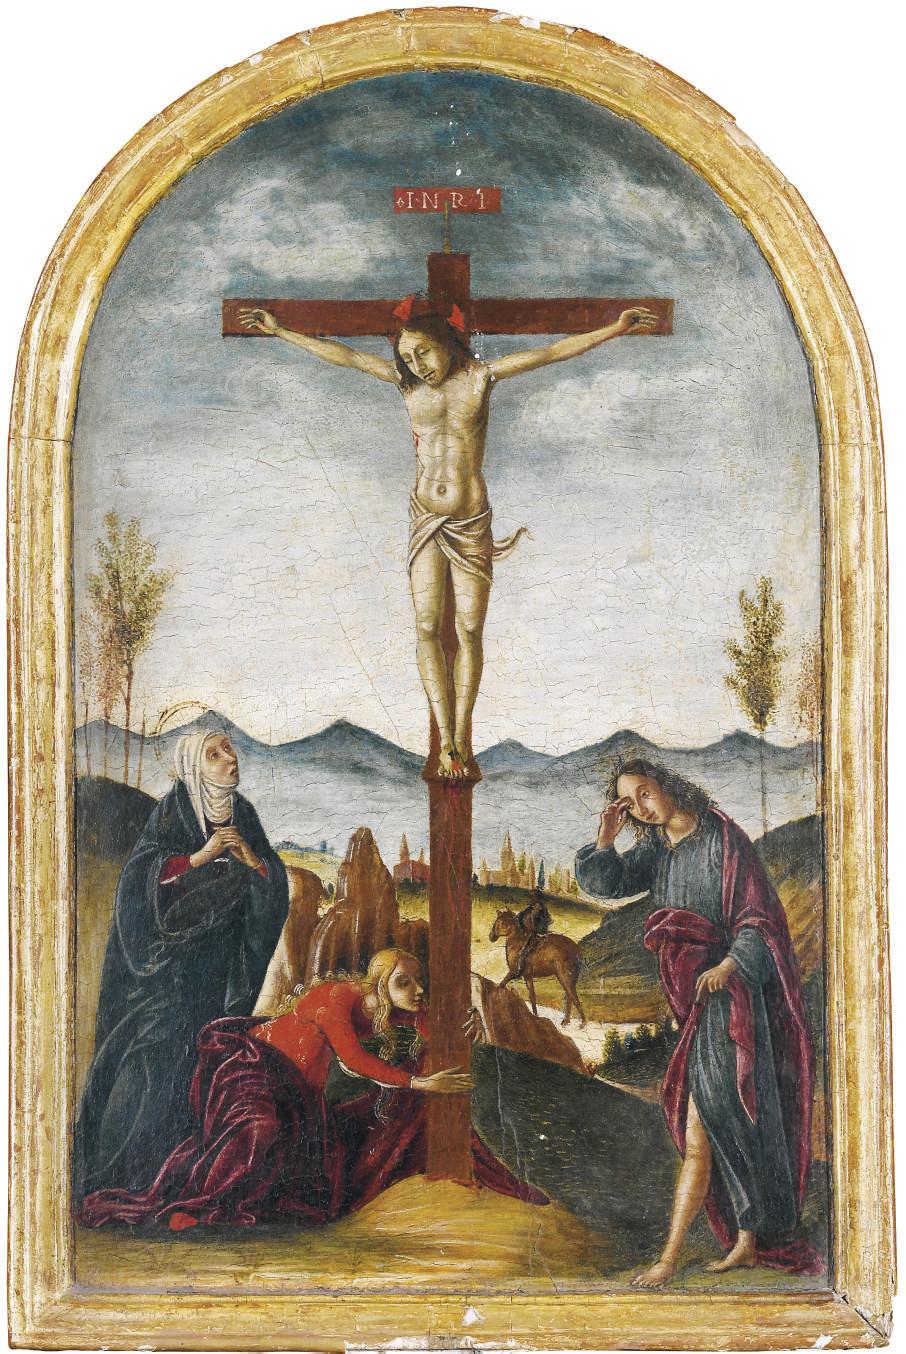 Pietro di Francesco degli Orio